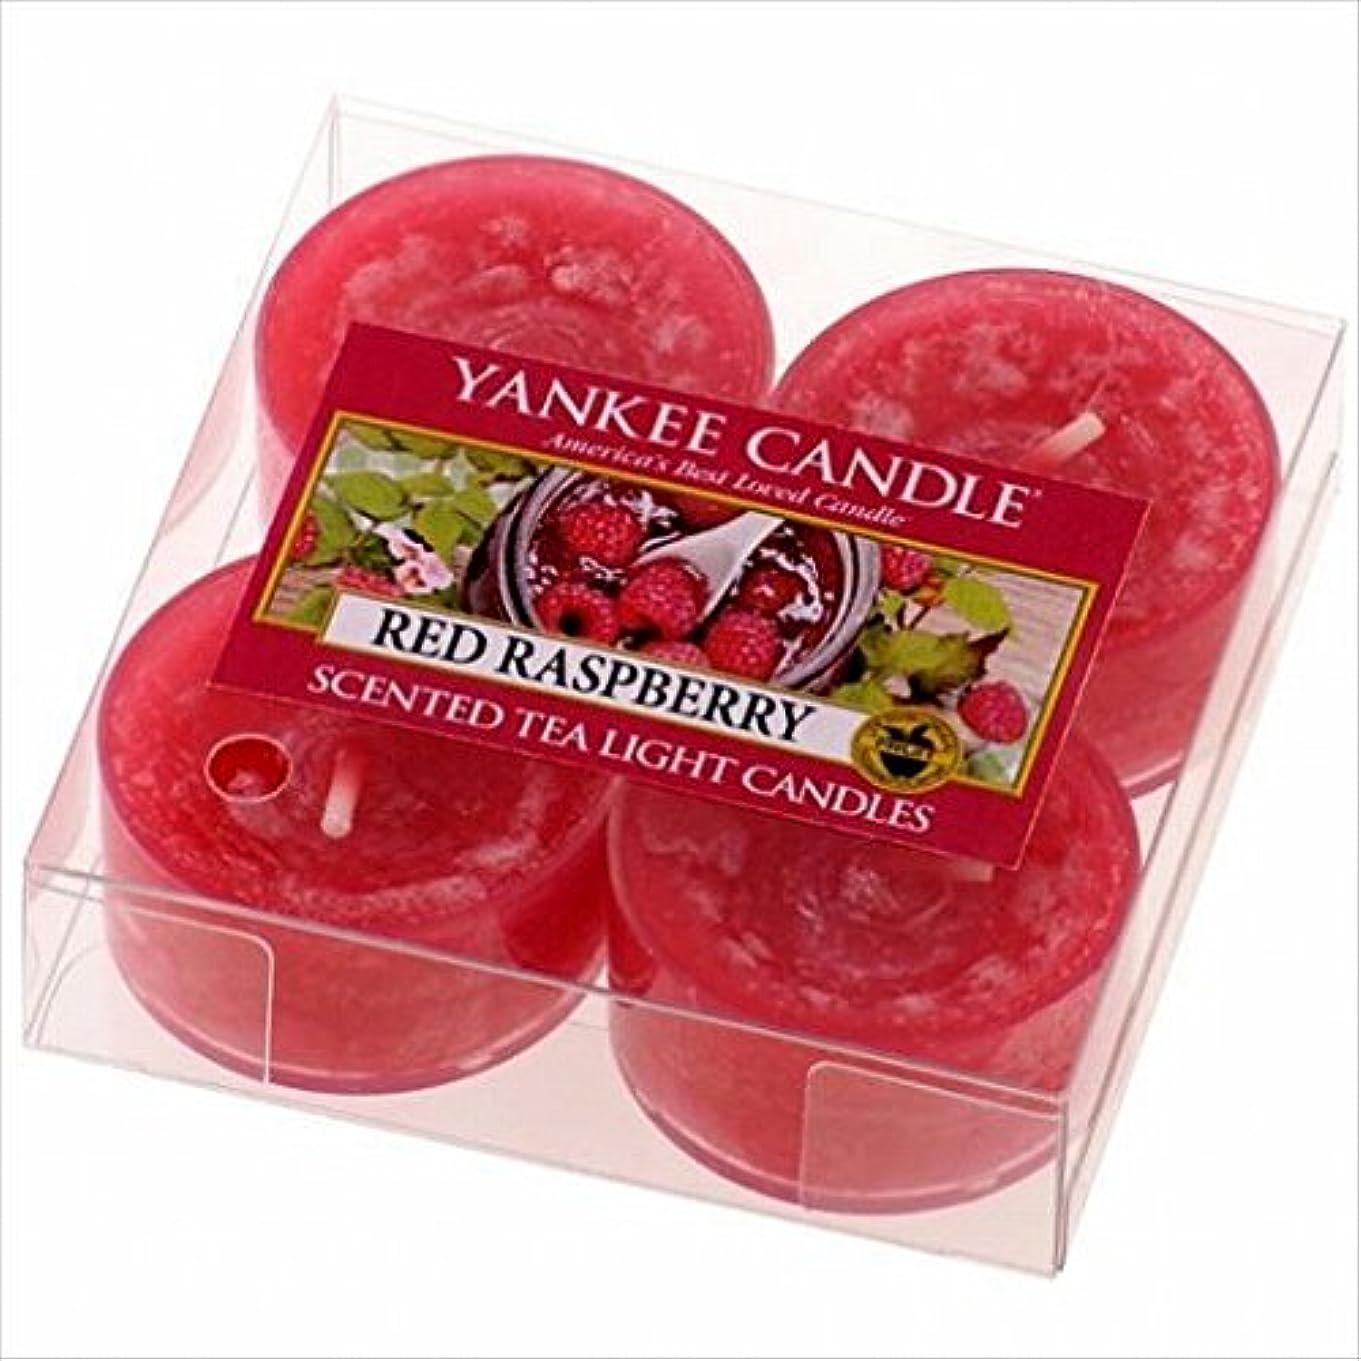 ヤンキーキャンドル(YANKEE CANDLE) YANKEE CANDLE クリアカップティーライト4個入り 「 レッドラズベリー 」